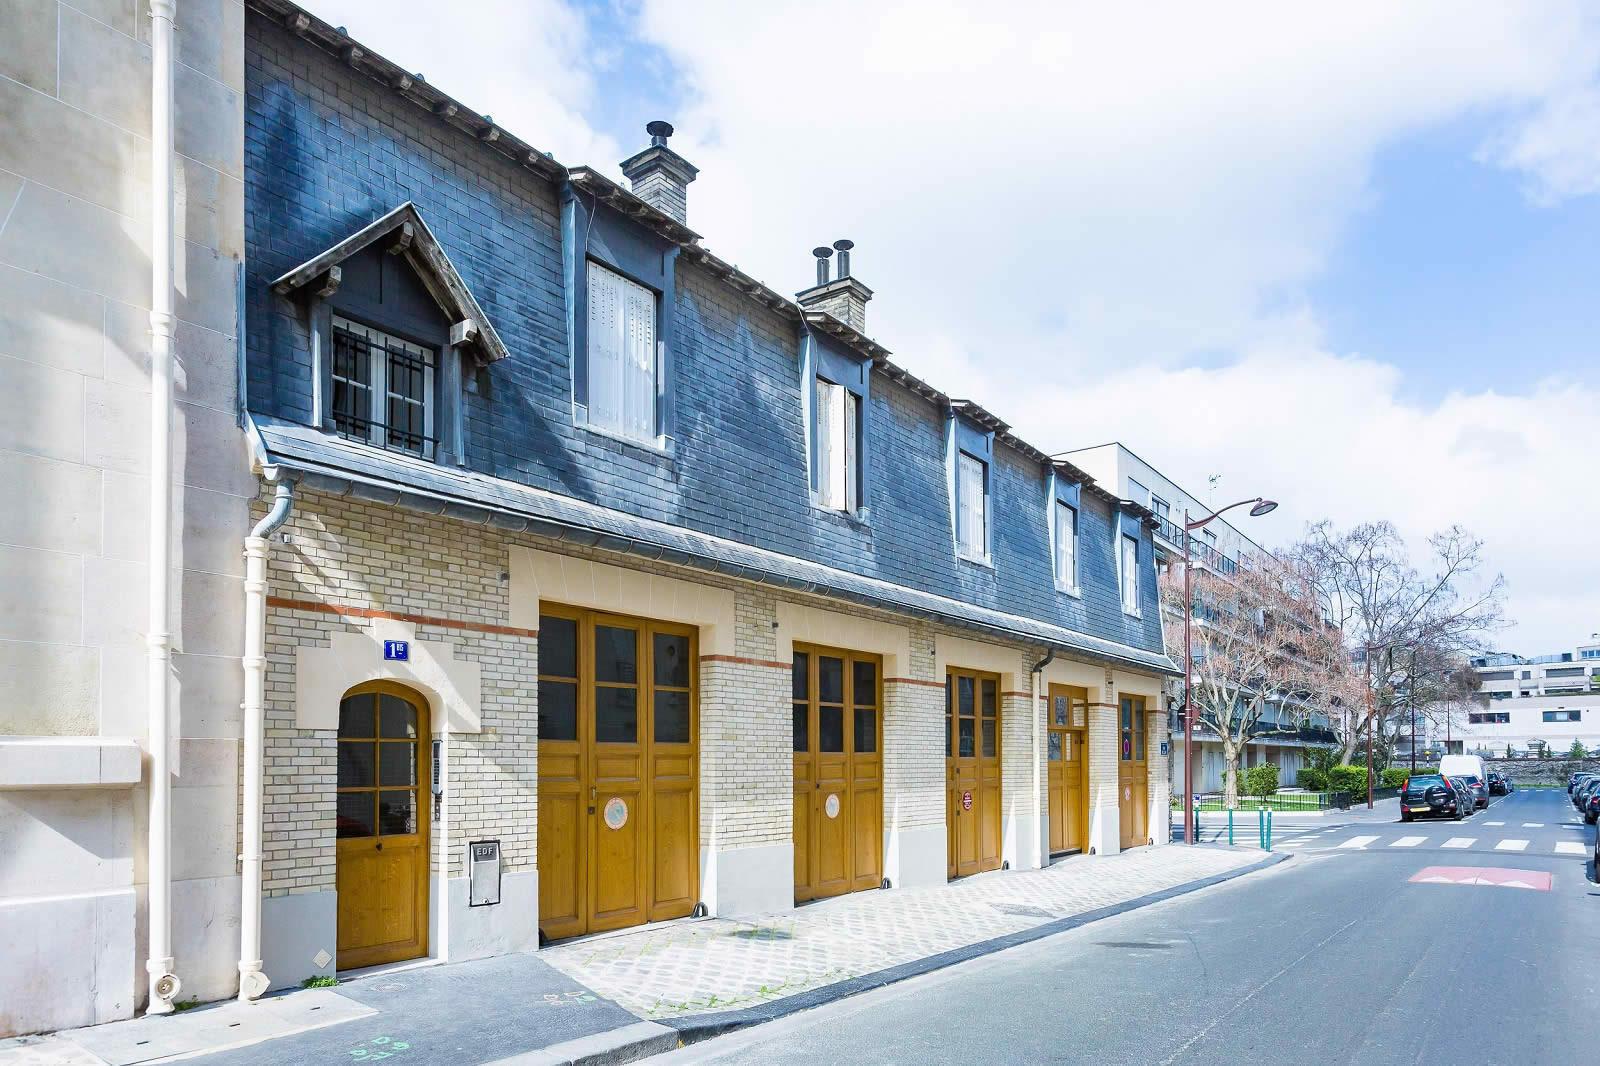 appartement-neuf-a-vendre-proche-bois-boulogne-calme-2-chambres-anciennes-ecuries